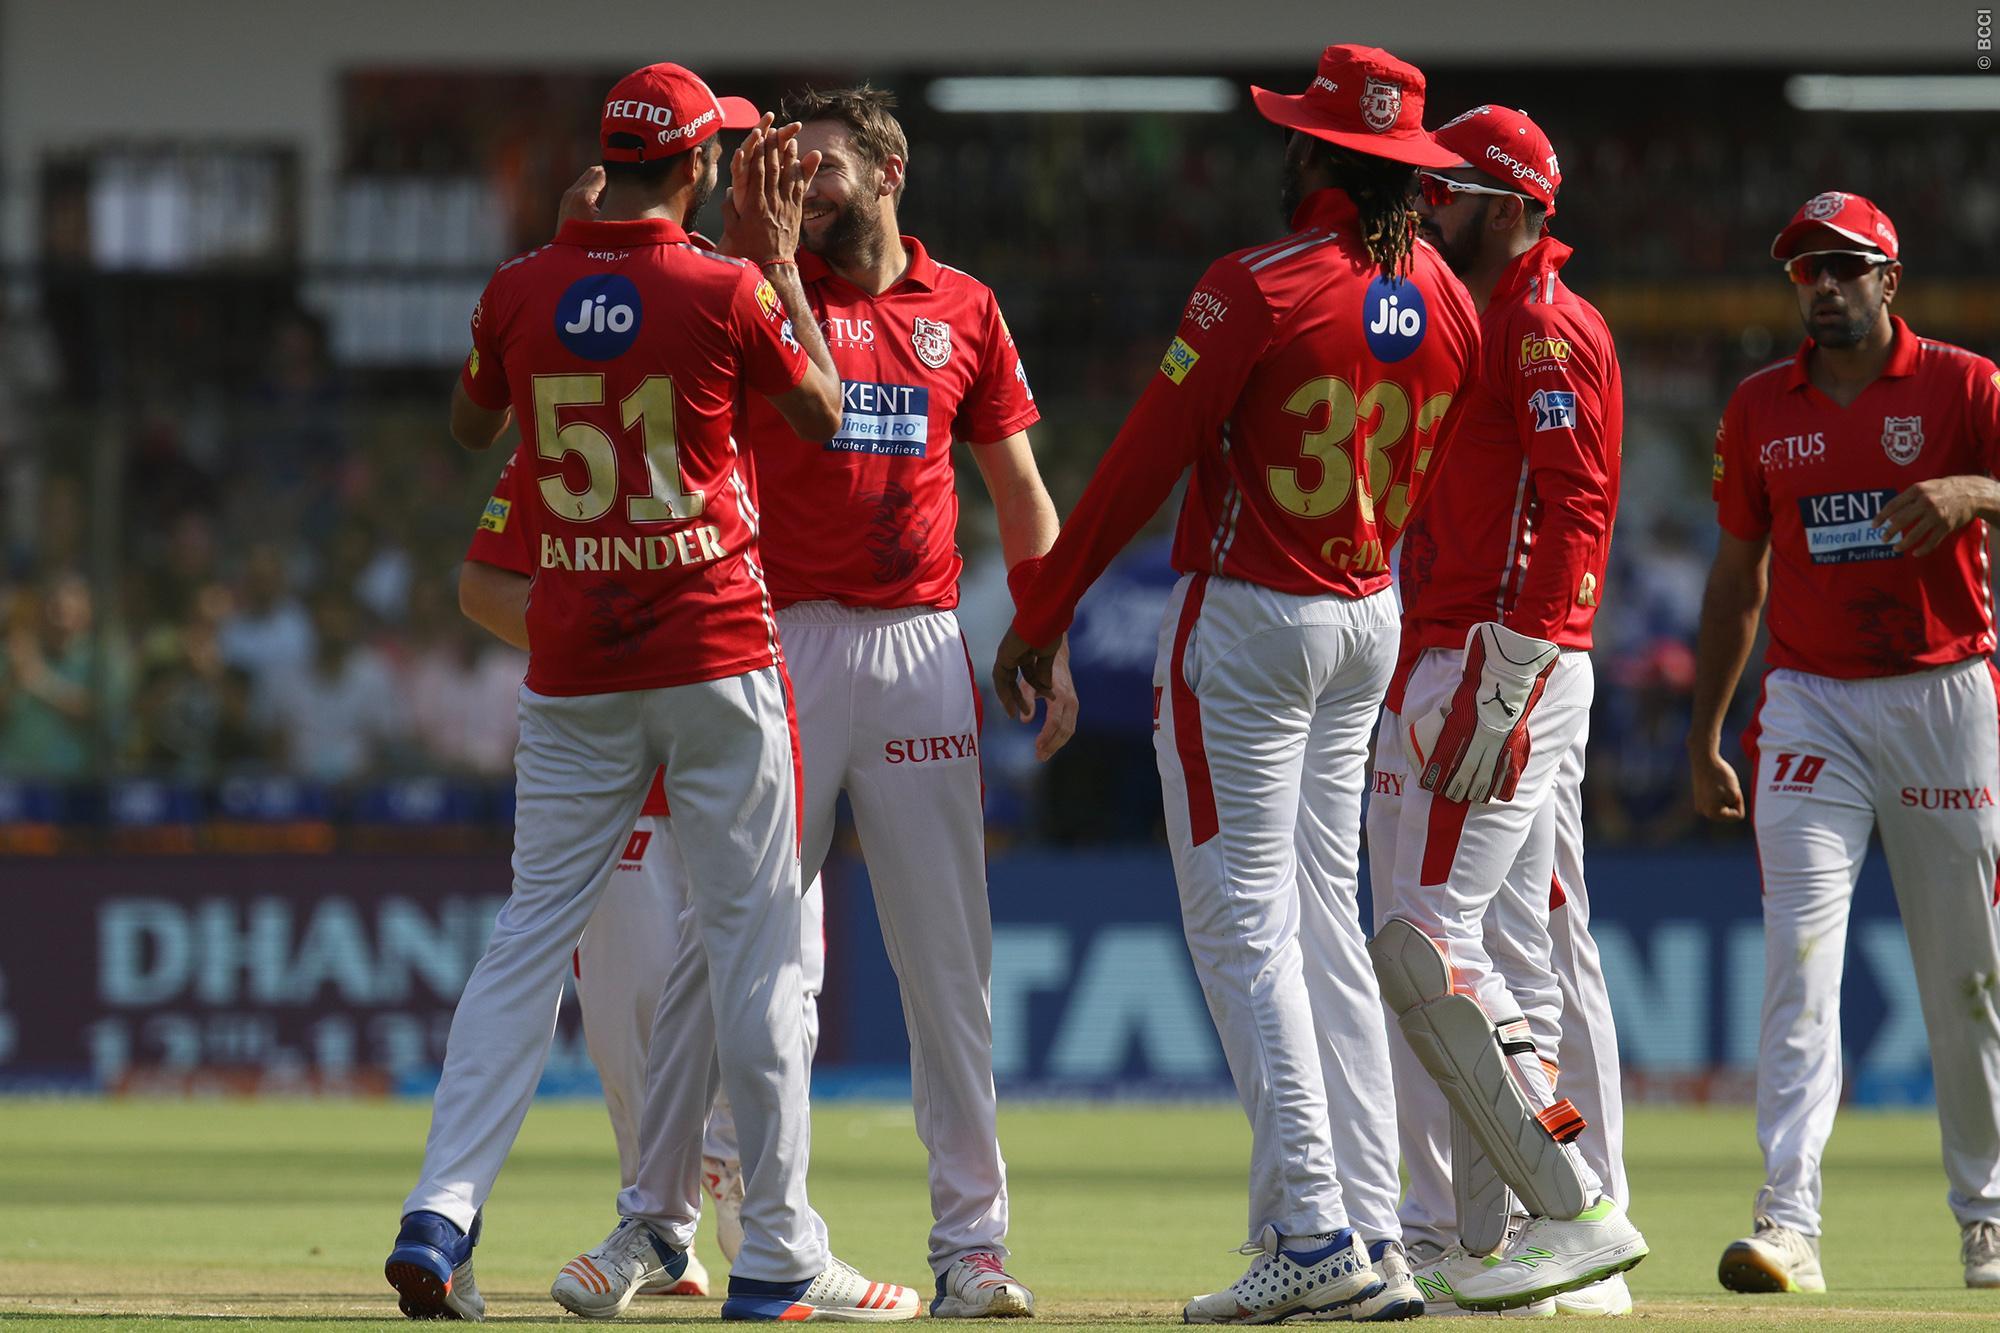 IPL 2018: टॉस जीतने वाली टीम ही जीतेगी मैच, जाने क्या है पहले और दूसरी पारी में बल्लेबाजी करने वाली टीम का परिणाम 1